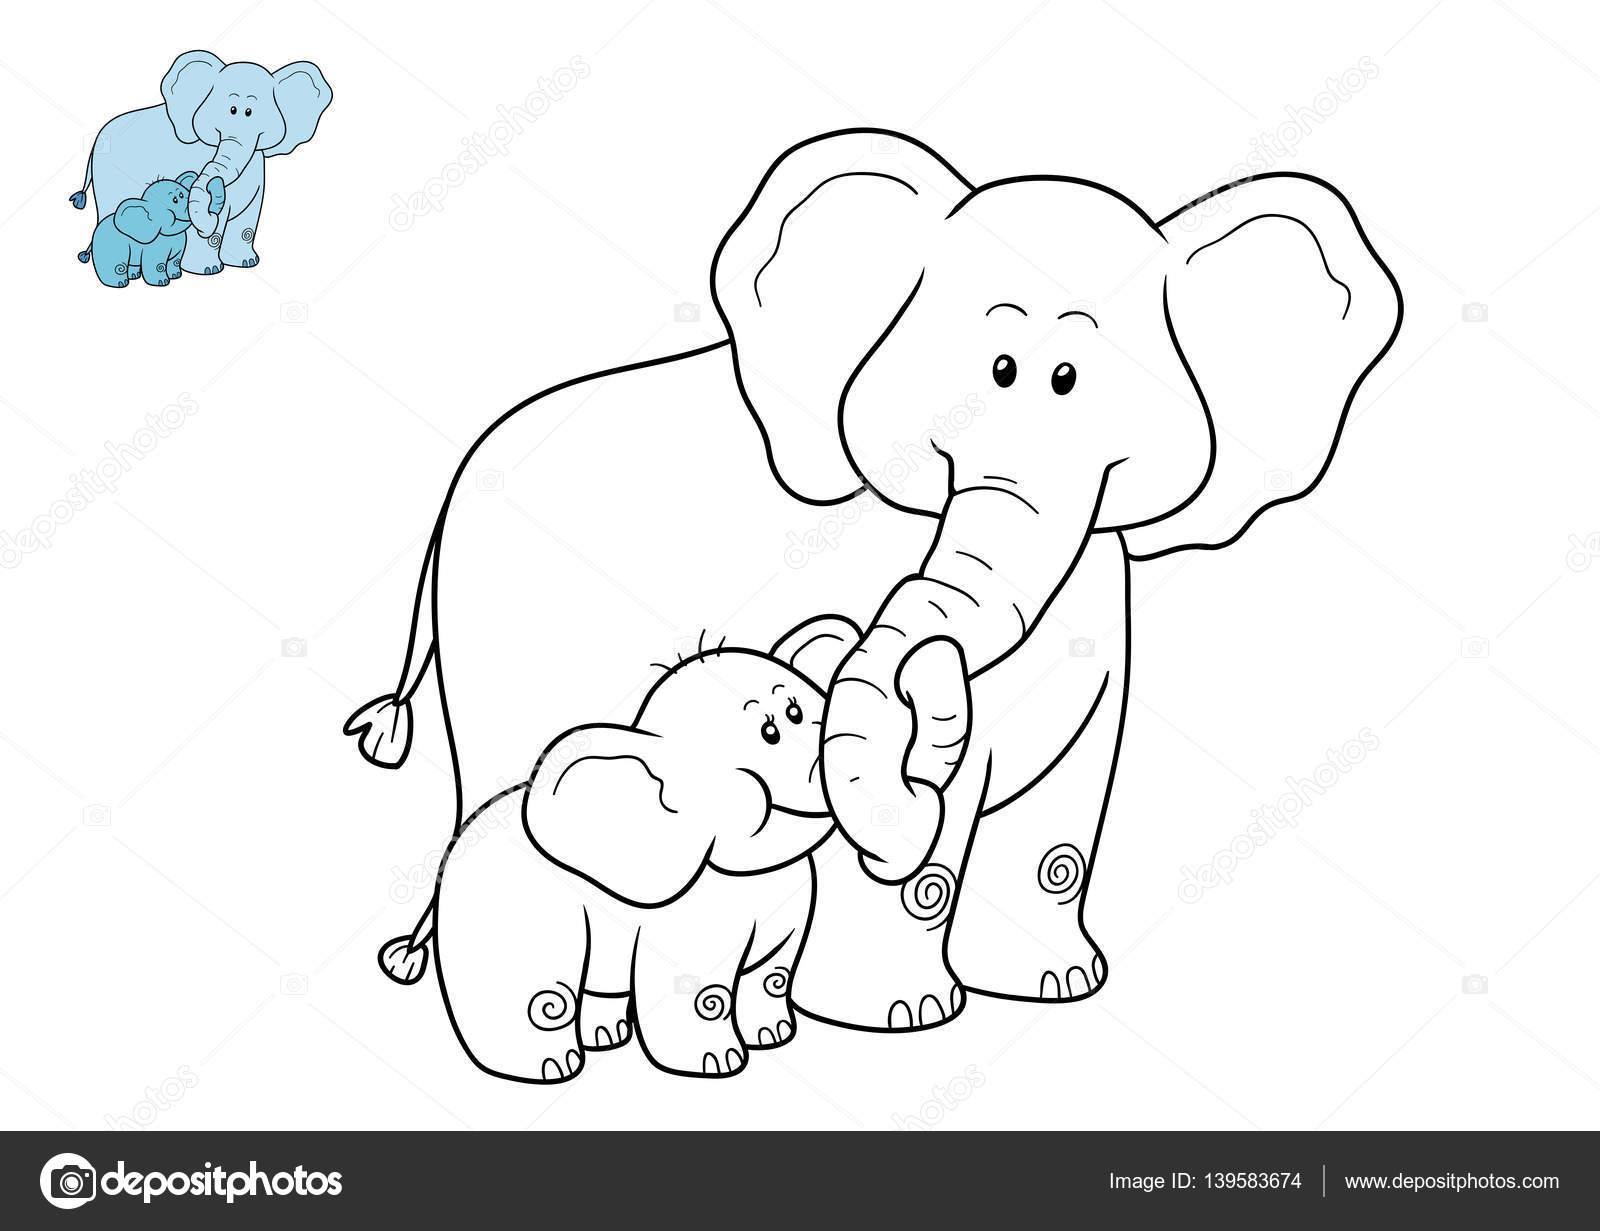 Coloriage Famille Elephant.Livre De Coloriage Elephant Photographie Ksenya Savva C 139583674